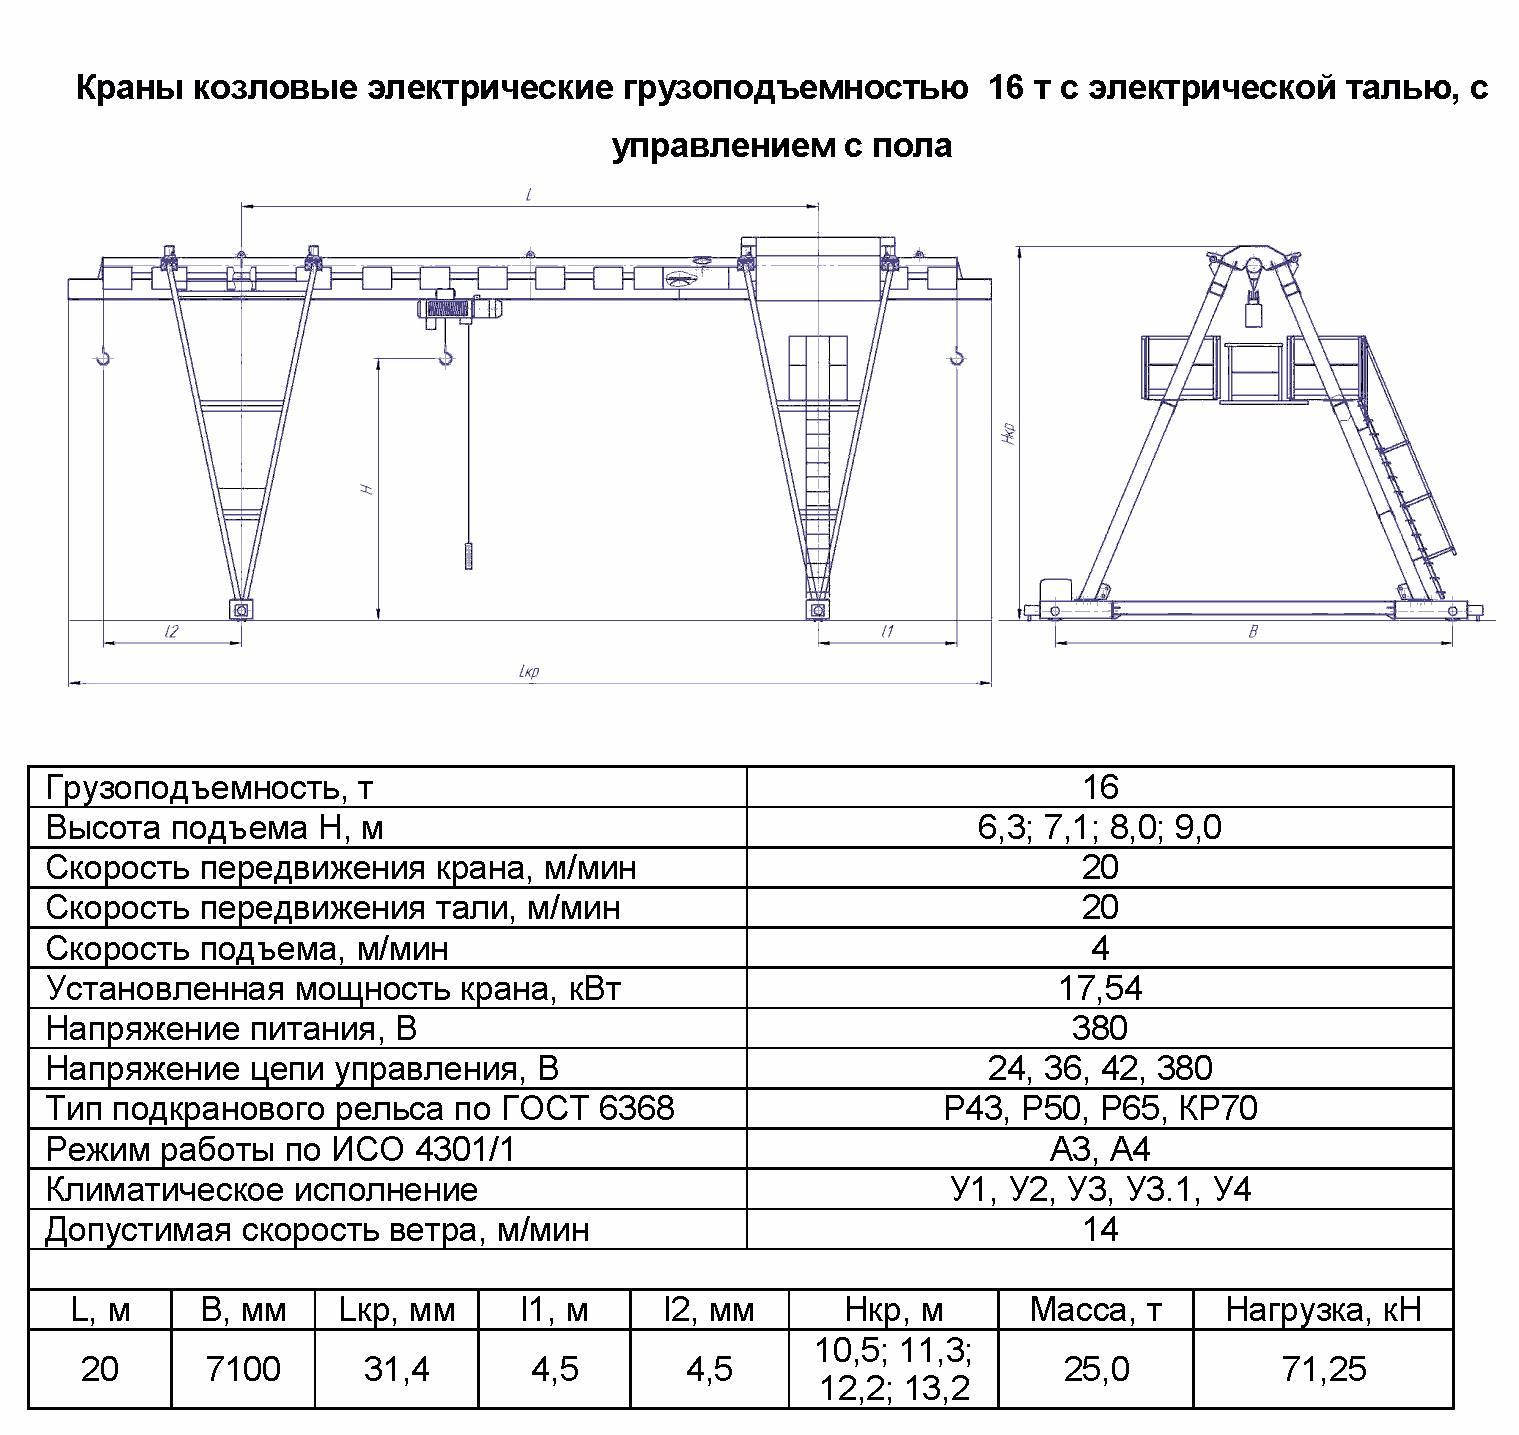 KKO 16 200 - Кран козловой электрический однобалочный